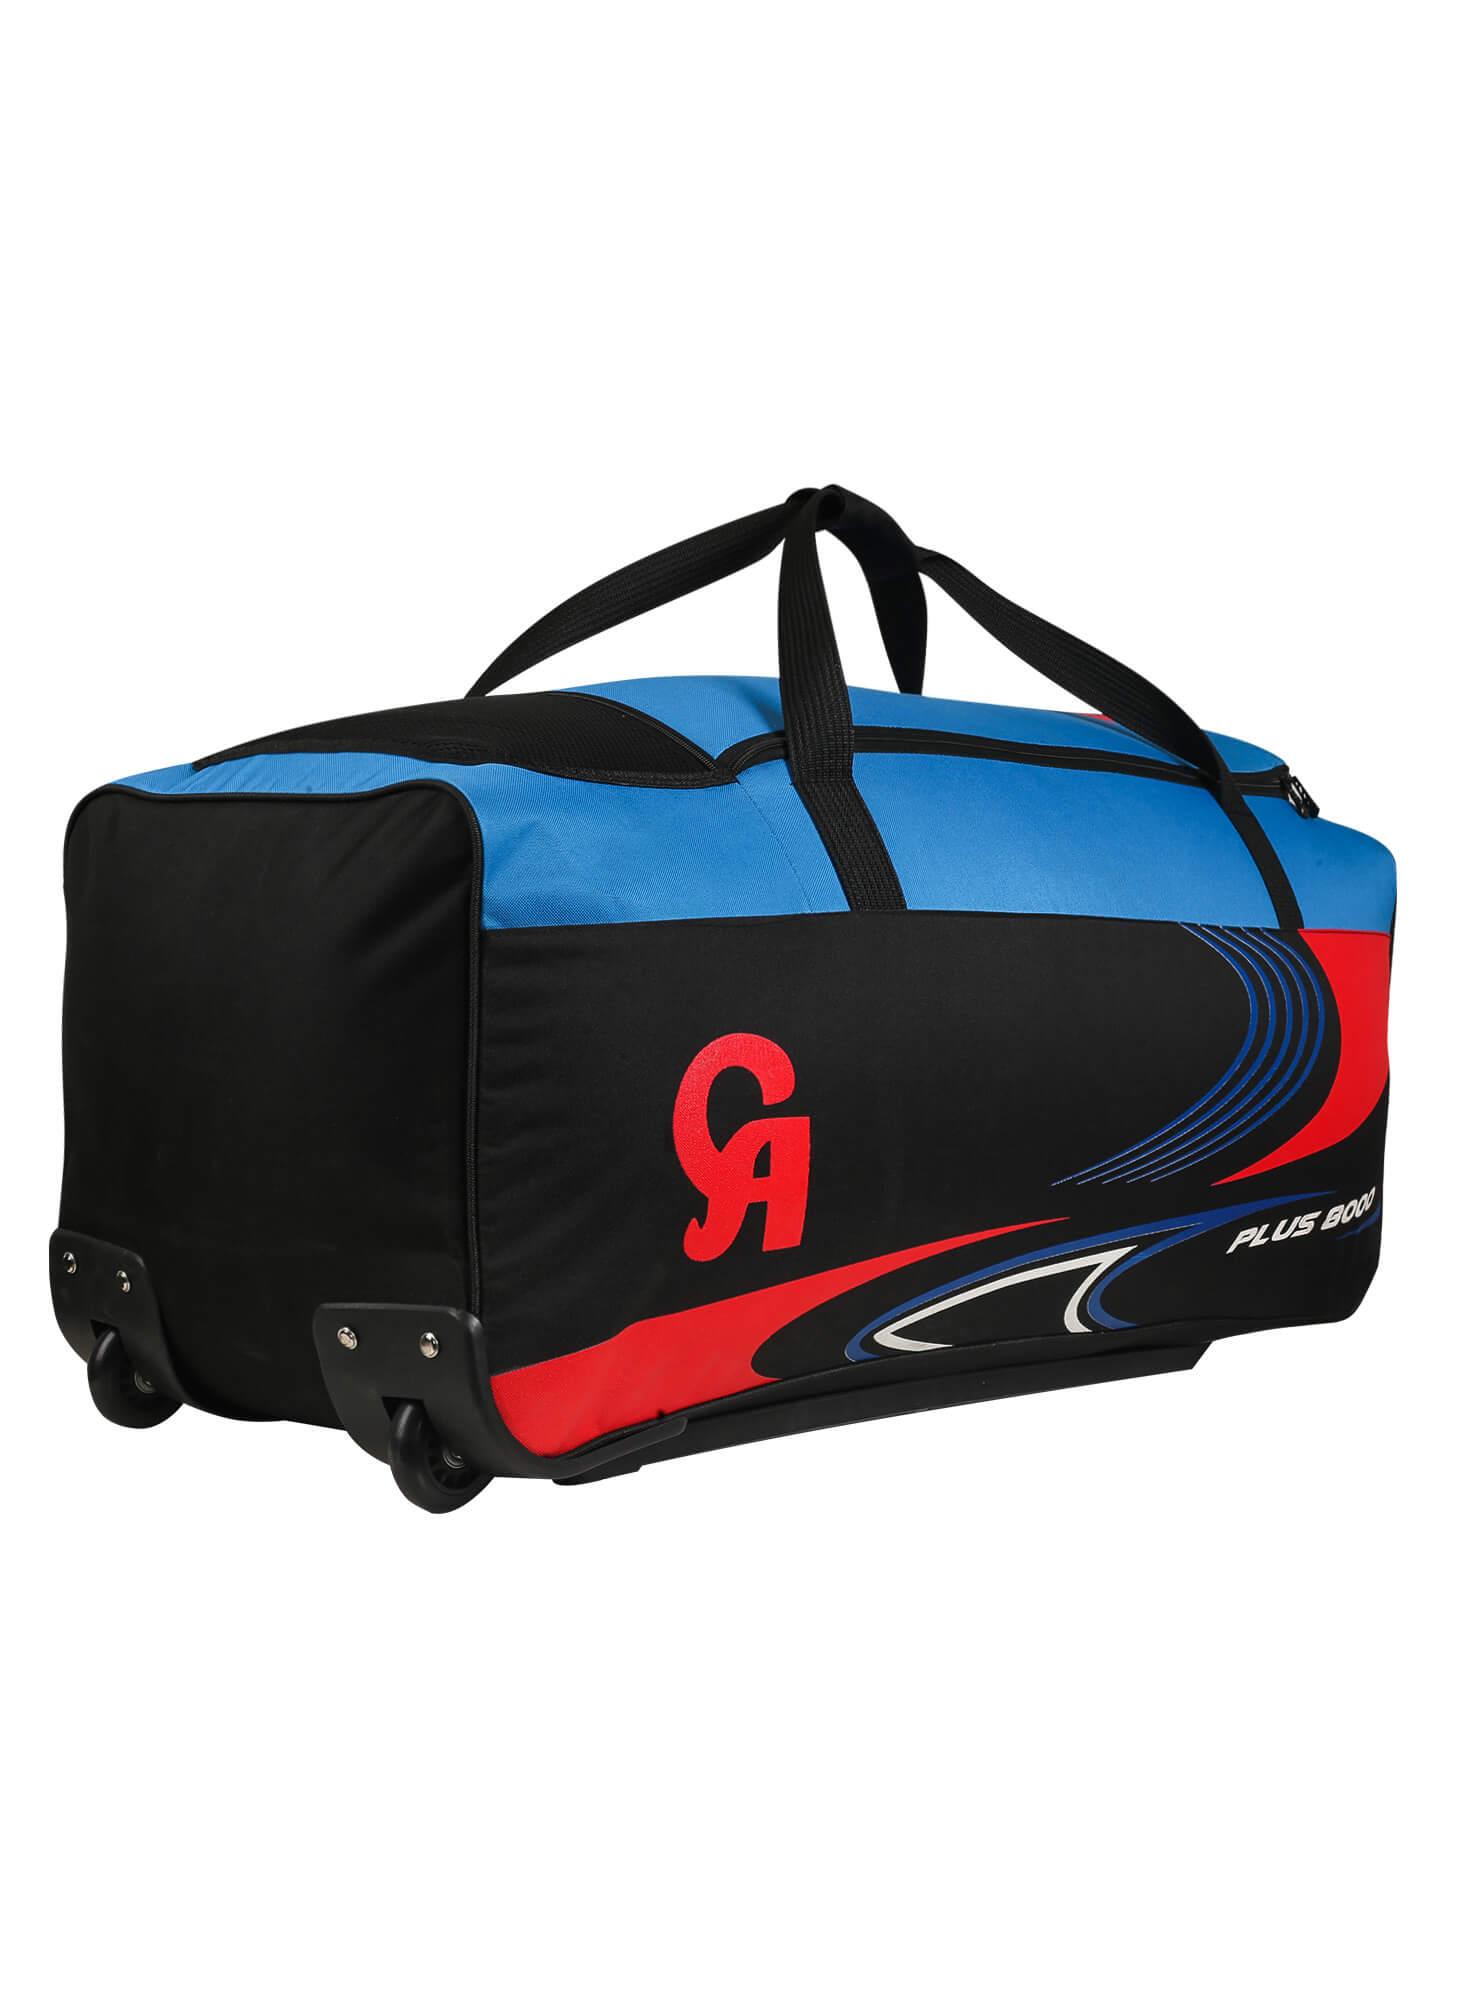 kit bag, wheel kit bag